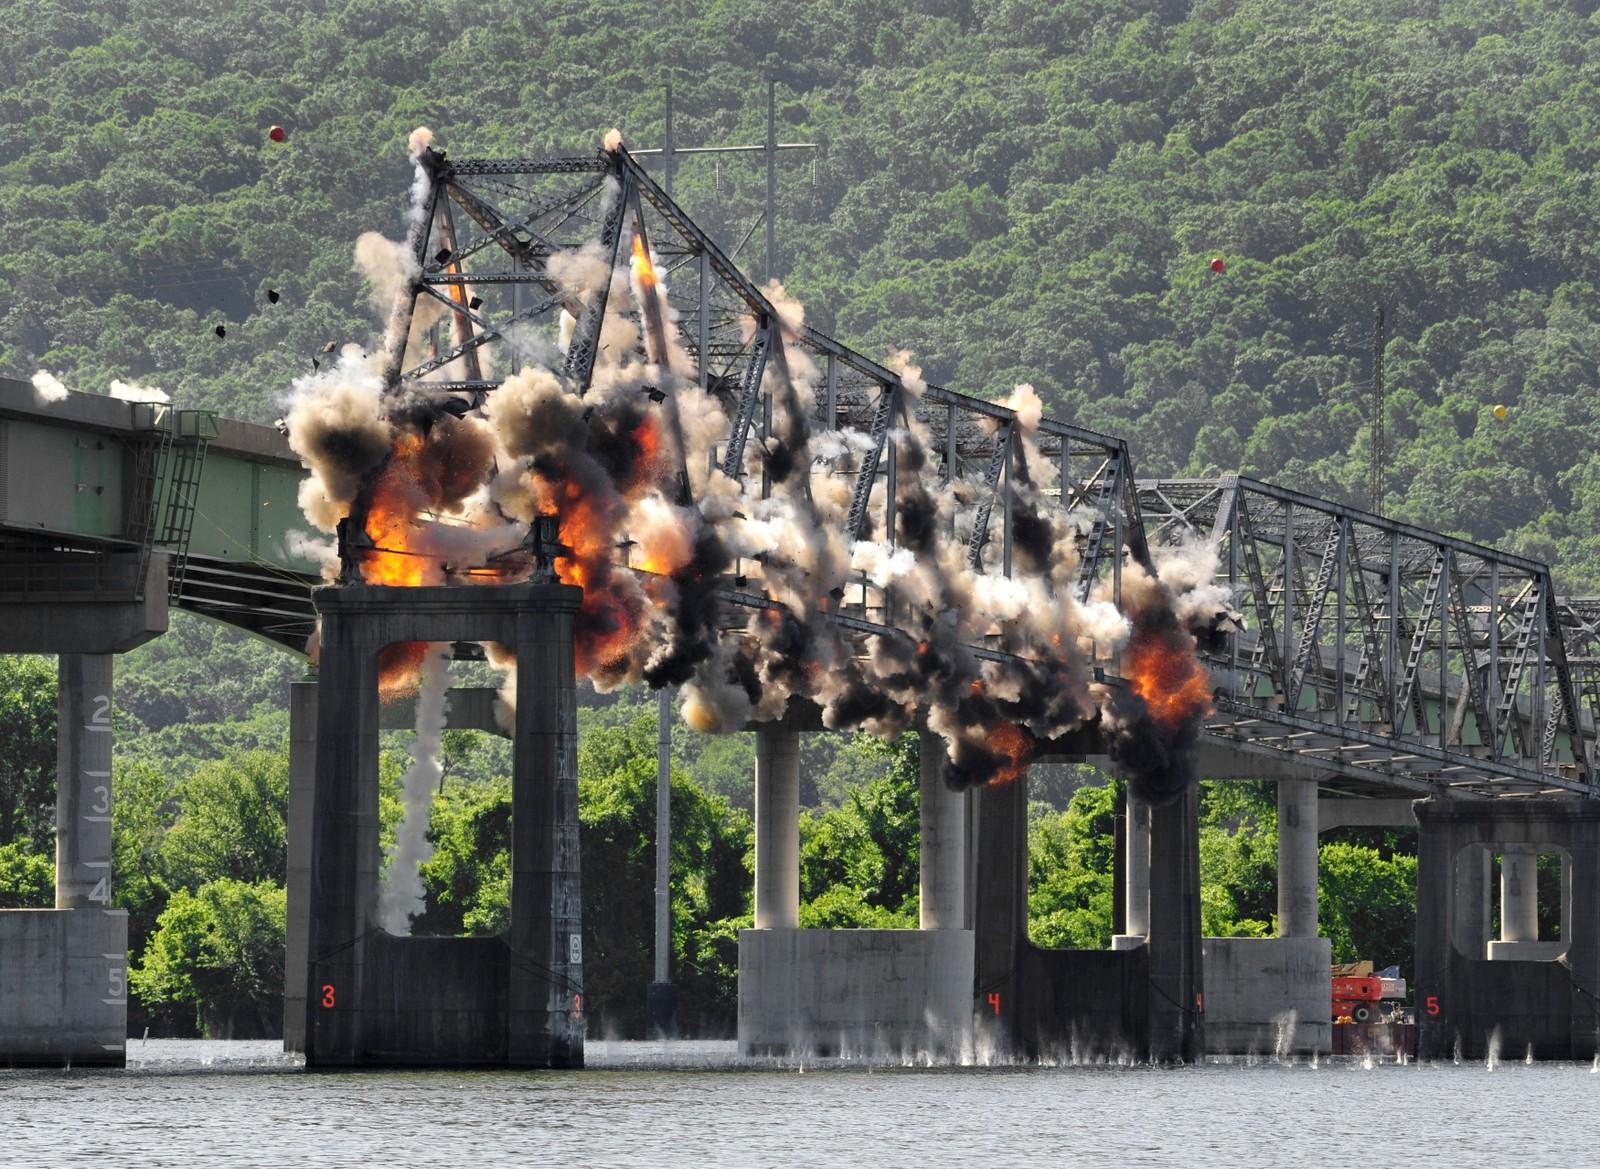 B.B. Comer-broen i Scottsboro, Alabama i USA ble sprengt bort denne uka. Den 653 meter lange broen over Tennessee-elven sto ferdig i 1931. En ny bro sto ferdig tidligere i år, og selv om flere har forsøkt å bevare broen.